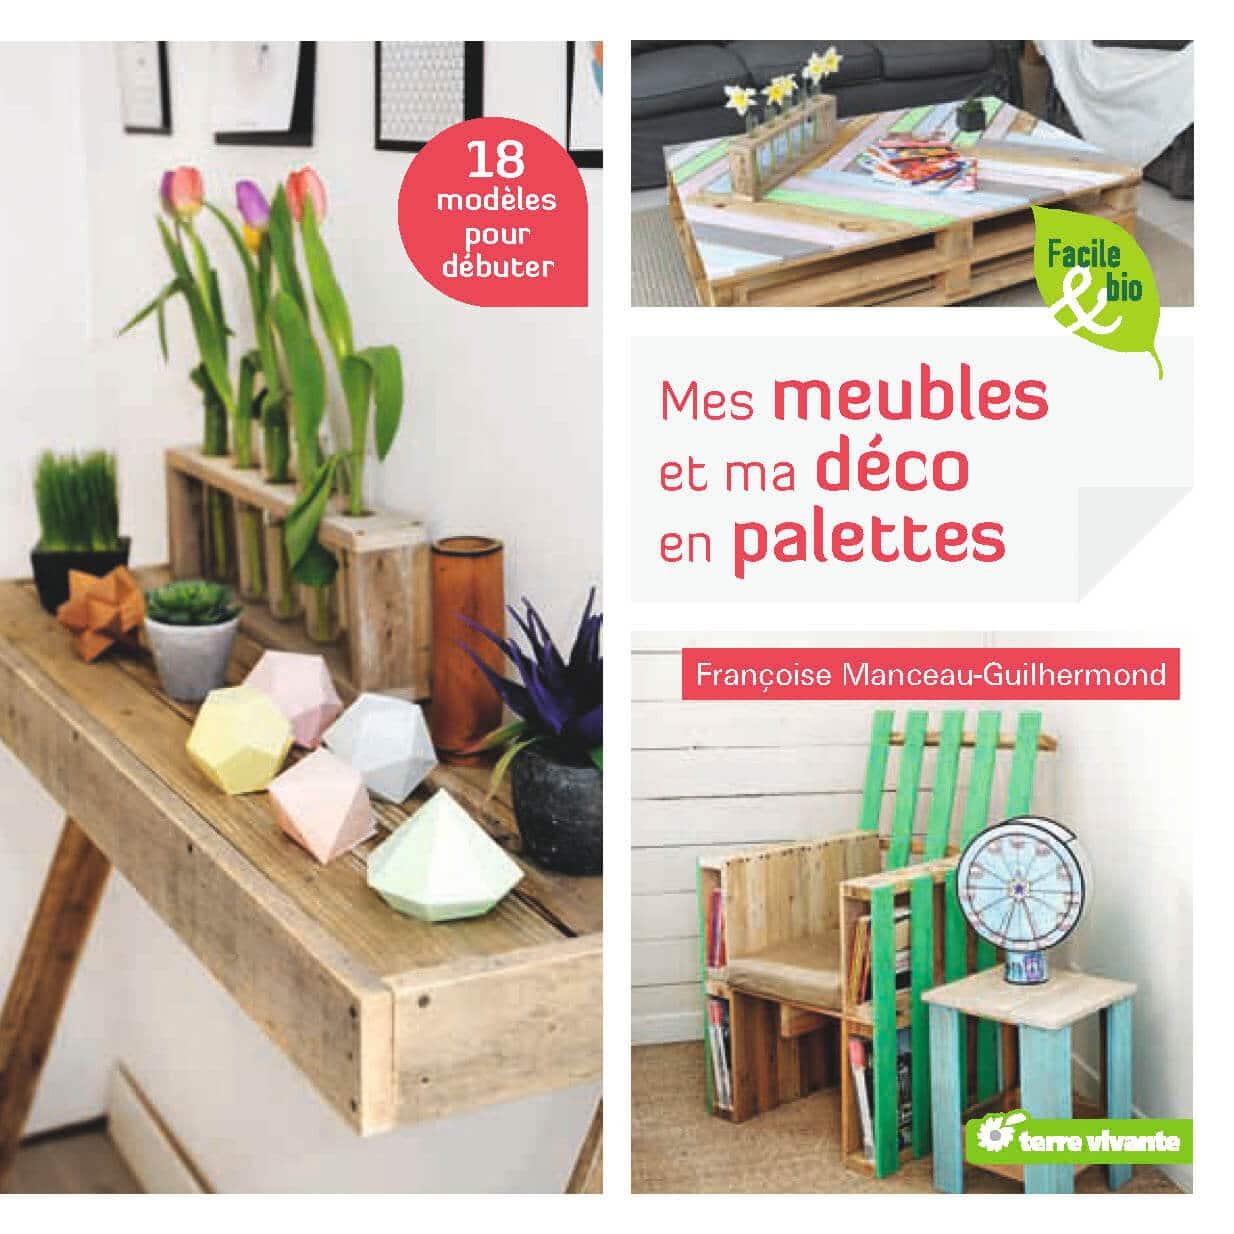 Bricolage et recyclage : idées de DIY 1